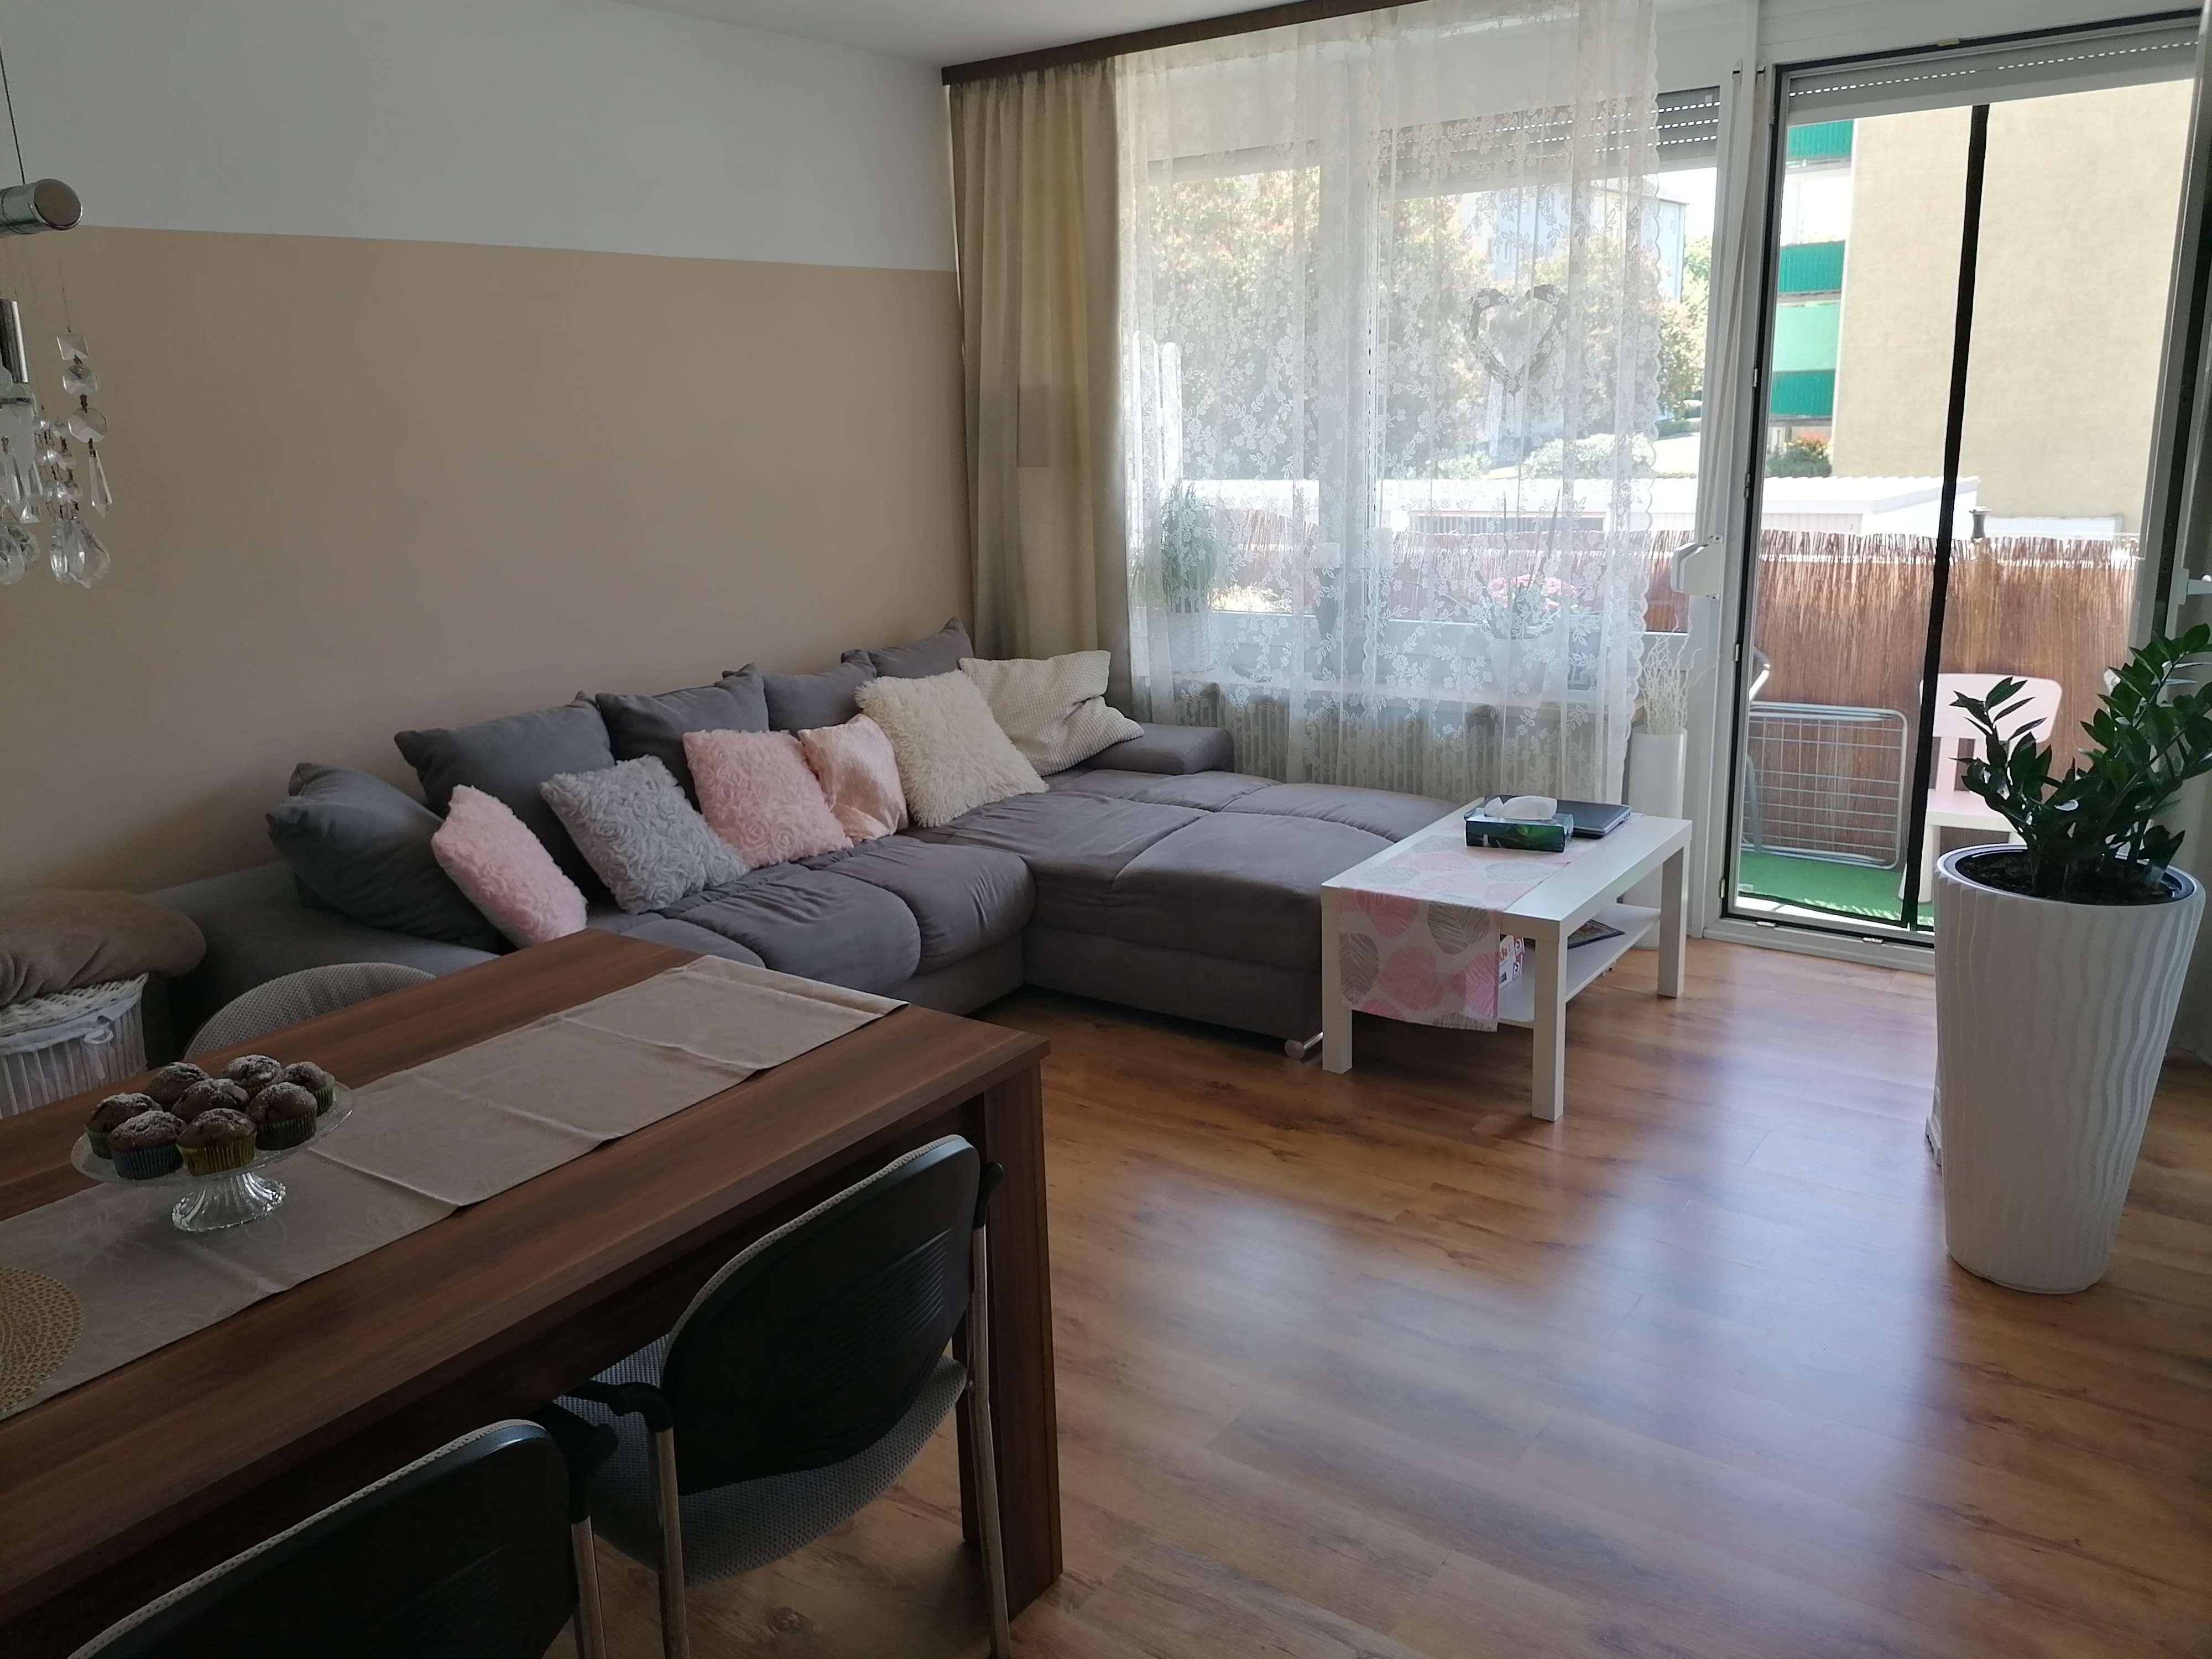 Schöne 2-Zimmer-Wohnung mit Balkon in Schweinfurt/Bergl in